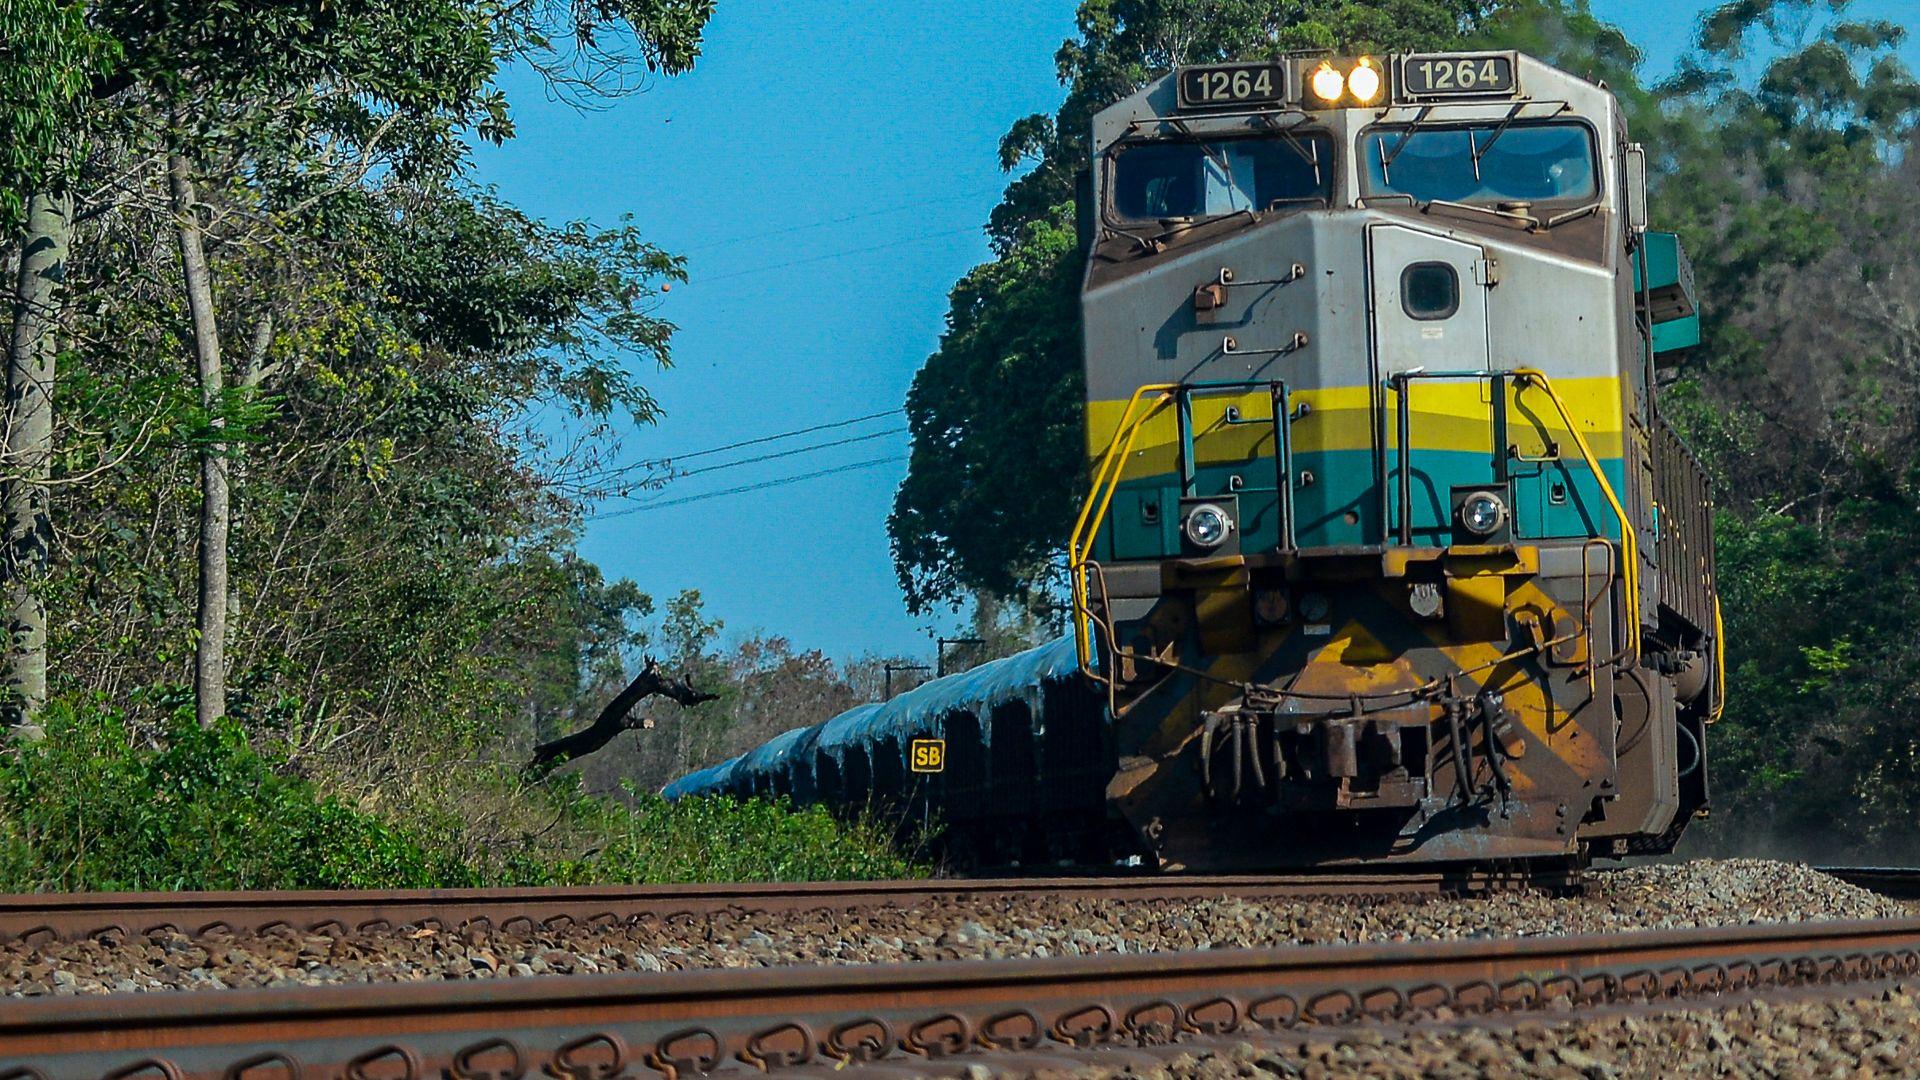 Trem de carga da Vale transportando minério na ferrovia Vitória x Minas, em Serra, ES.